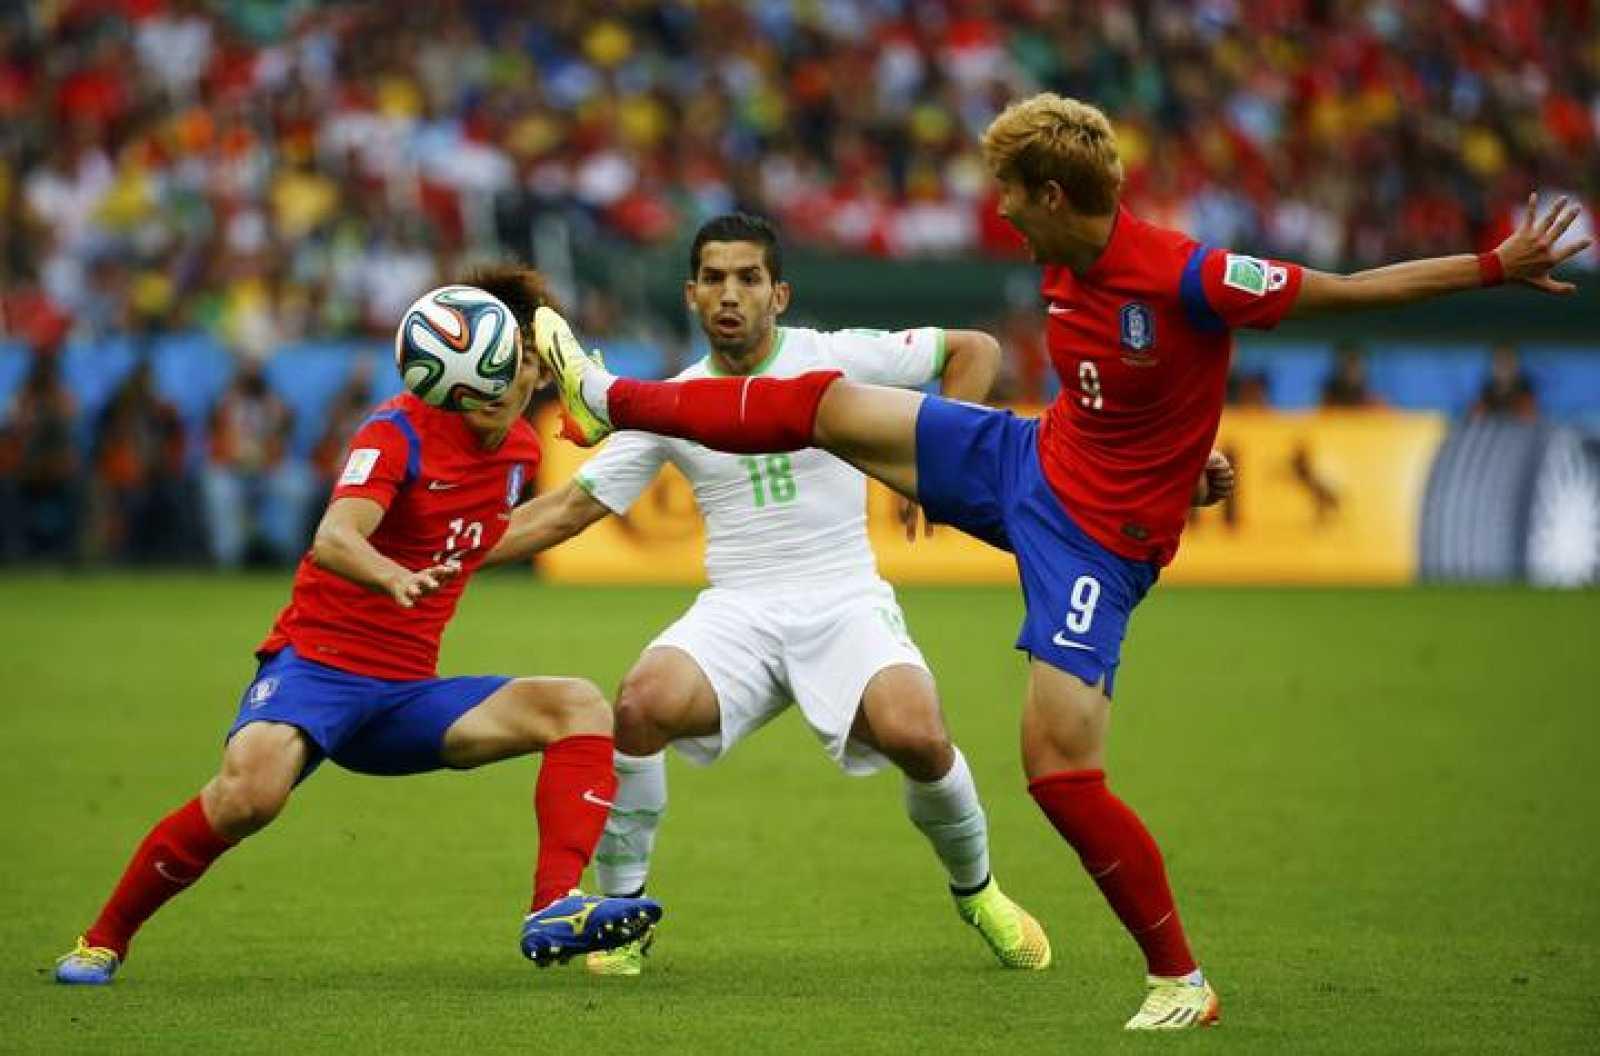 El jugador argelino Abdelmoumene Djabou (C) lucha con los coreanos Lee Yong (I) y Son Heung-min.